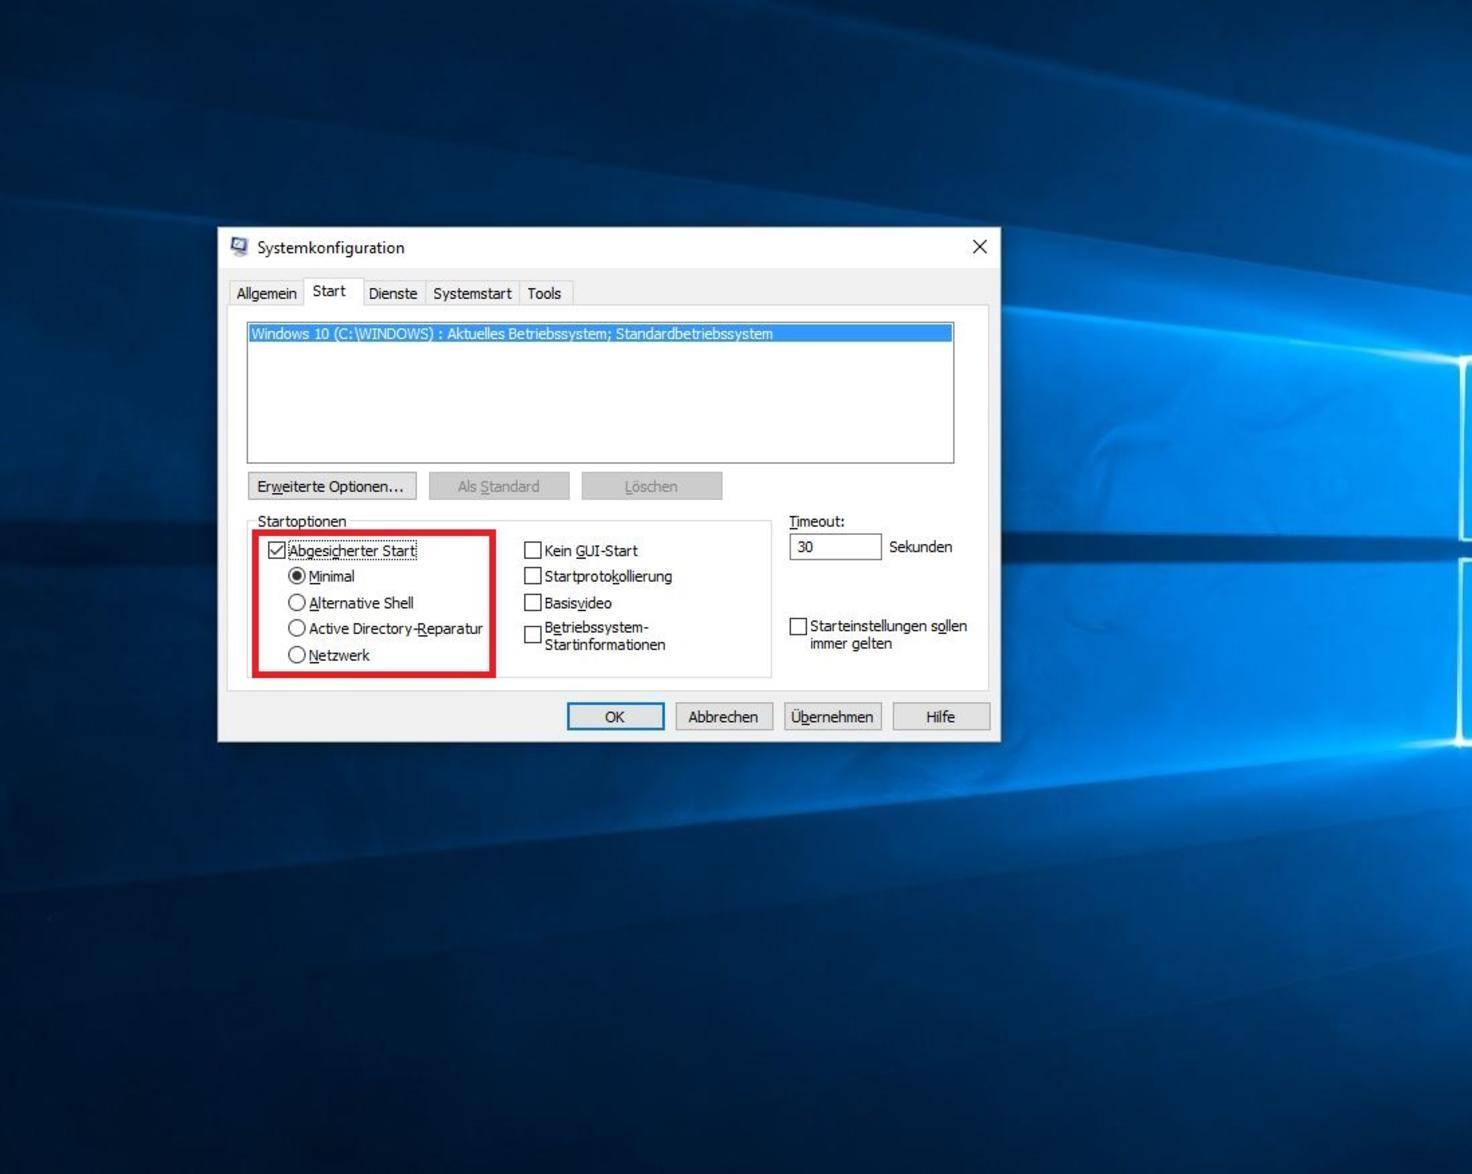 Windows10_Abgesicherter_Start